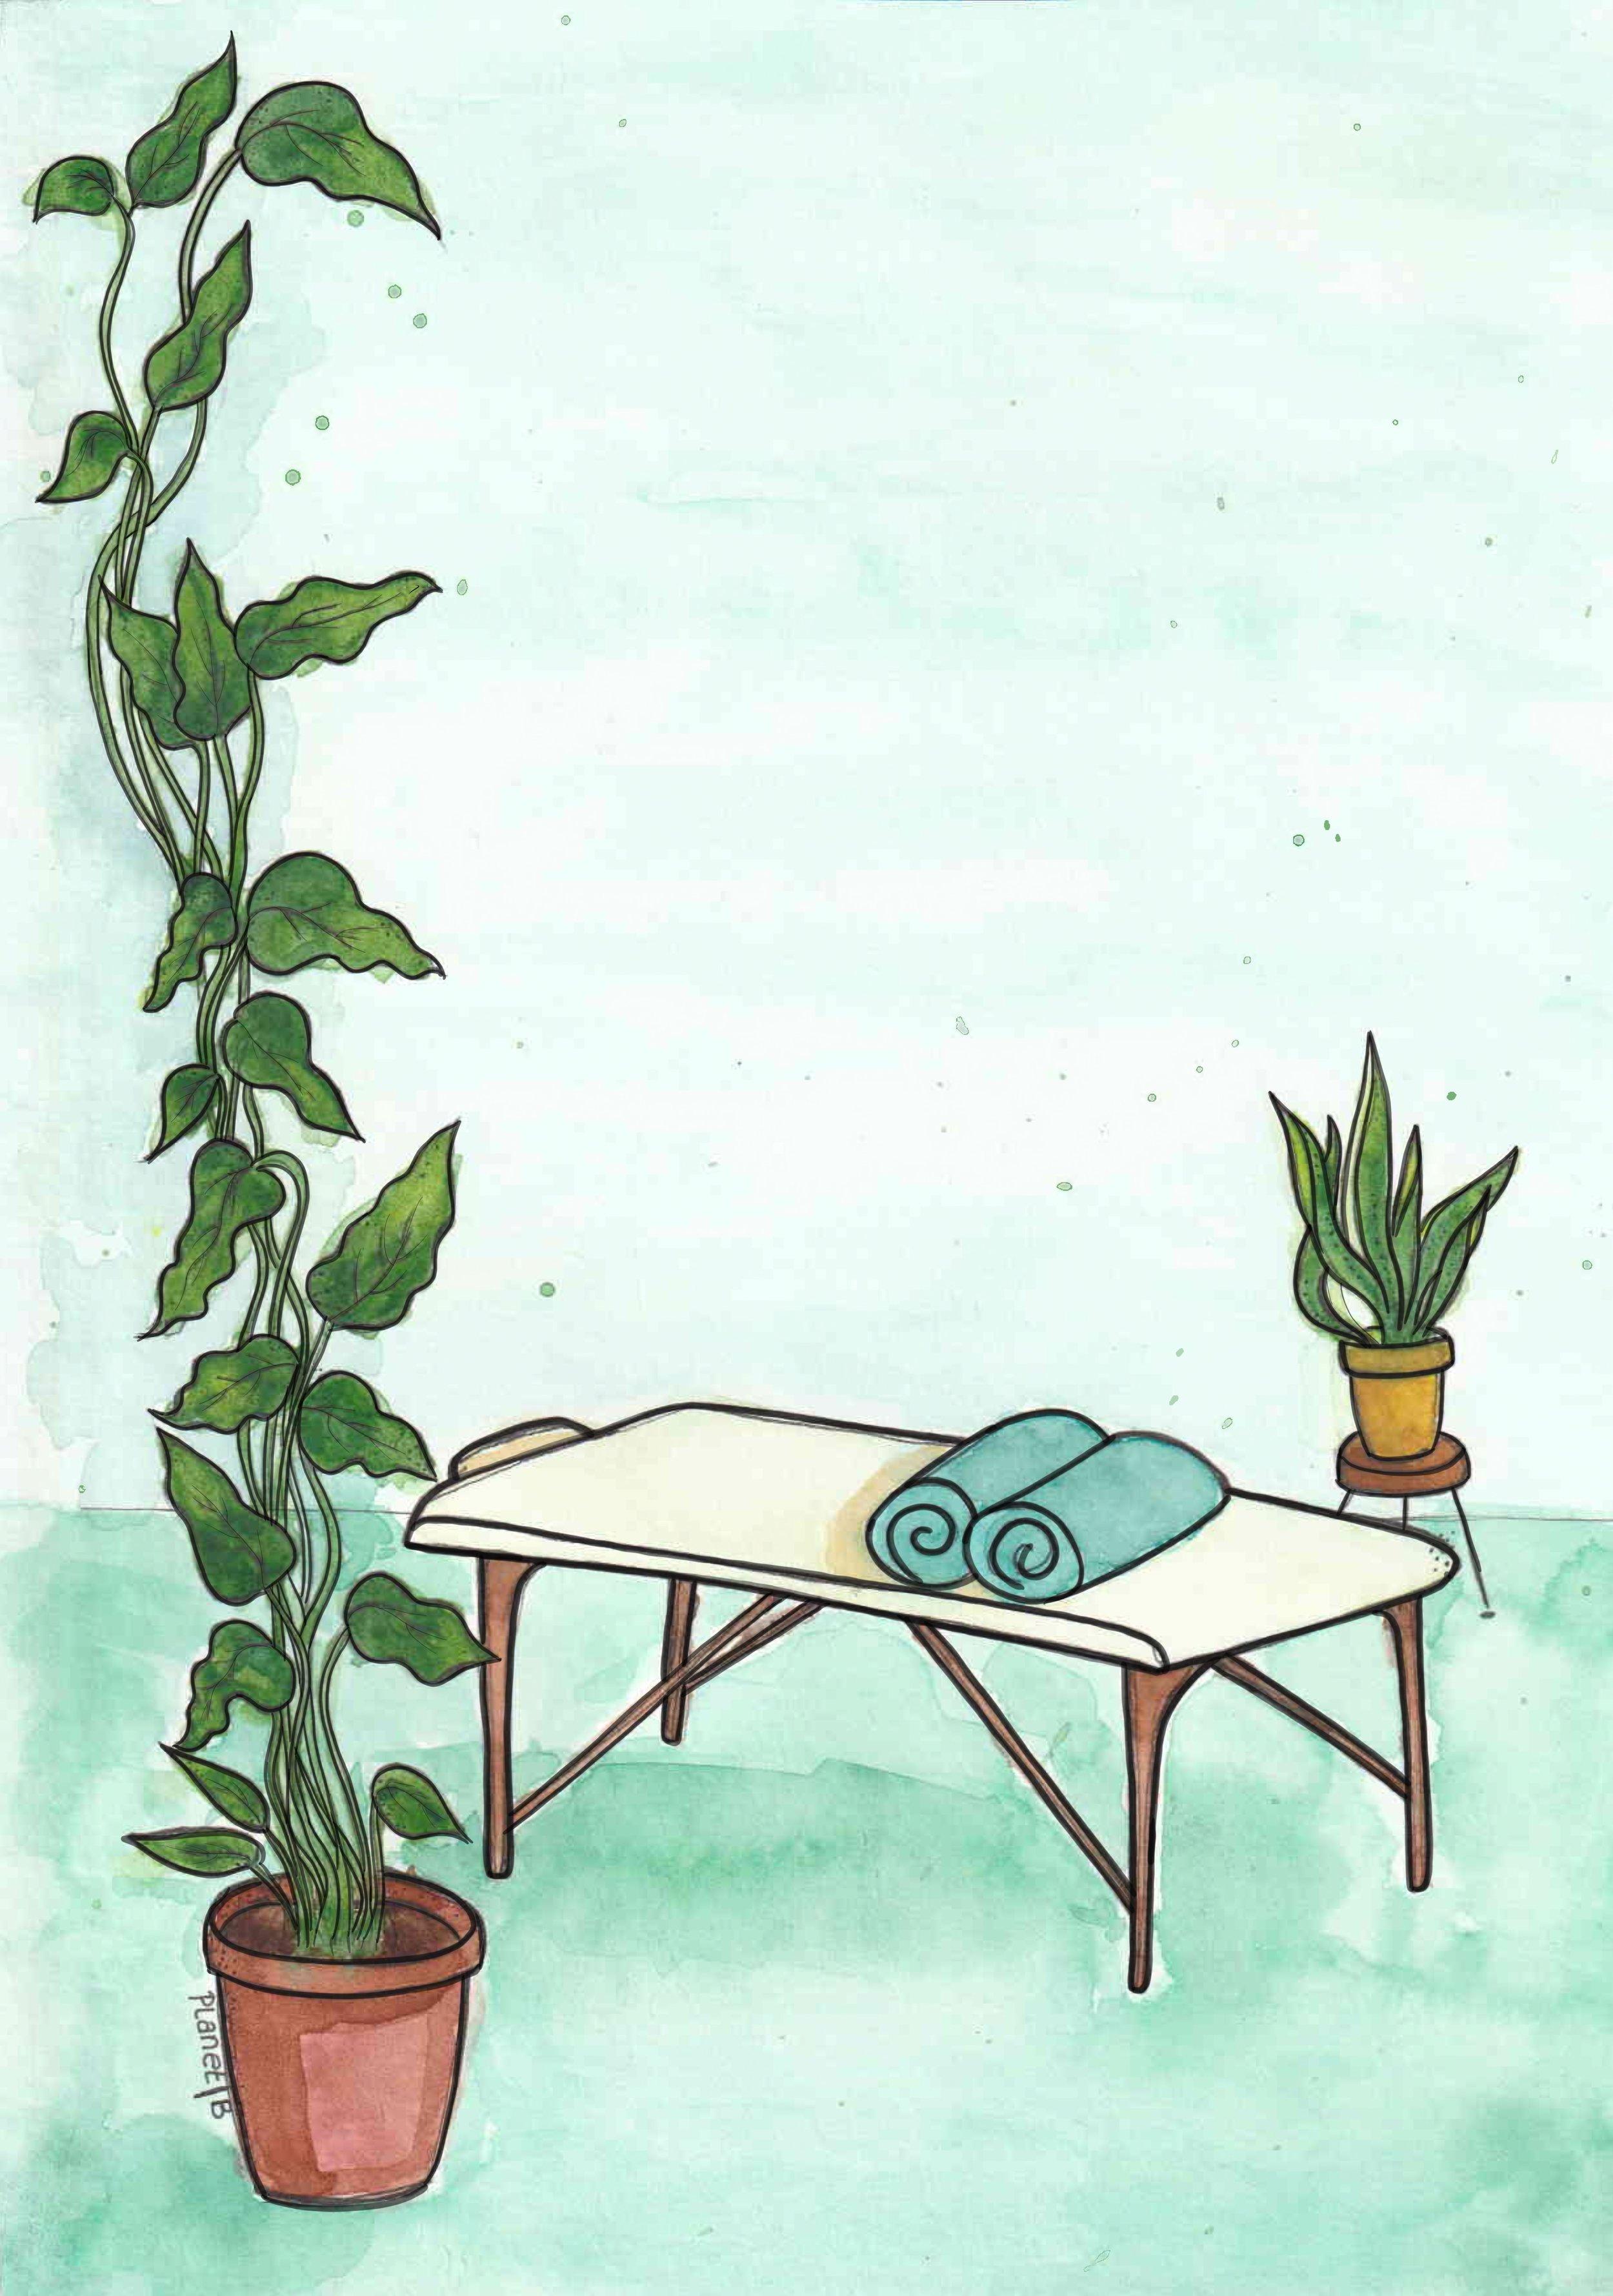 Posterontwerp voor massage studio plant en massagetafel inkt en aquarelverf